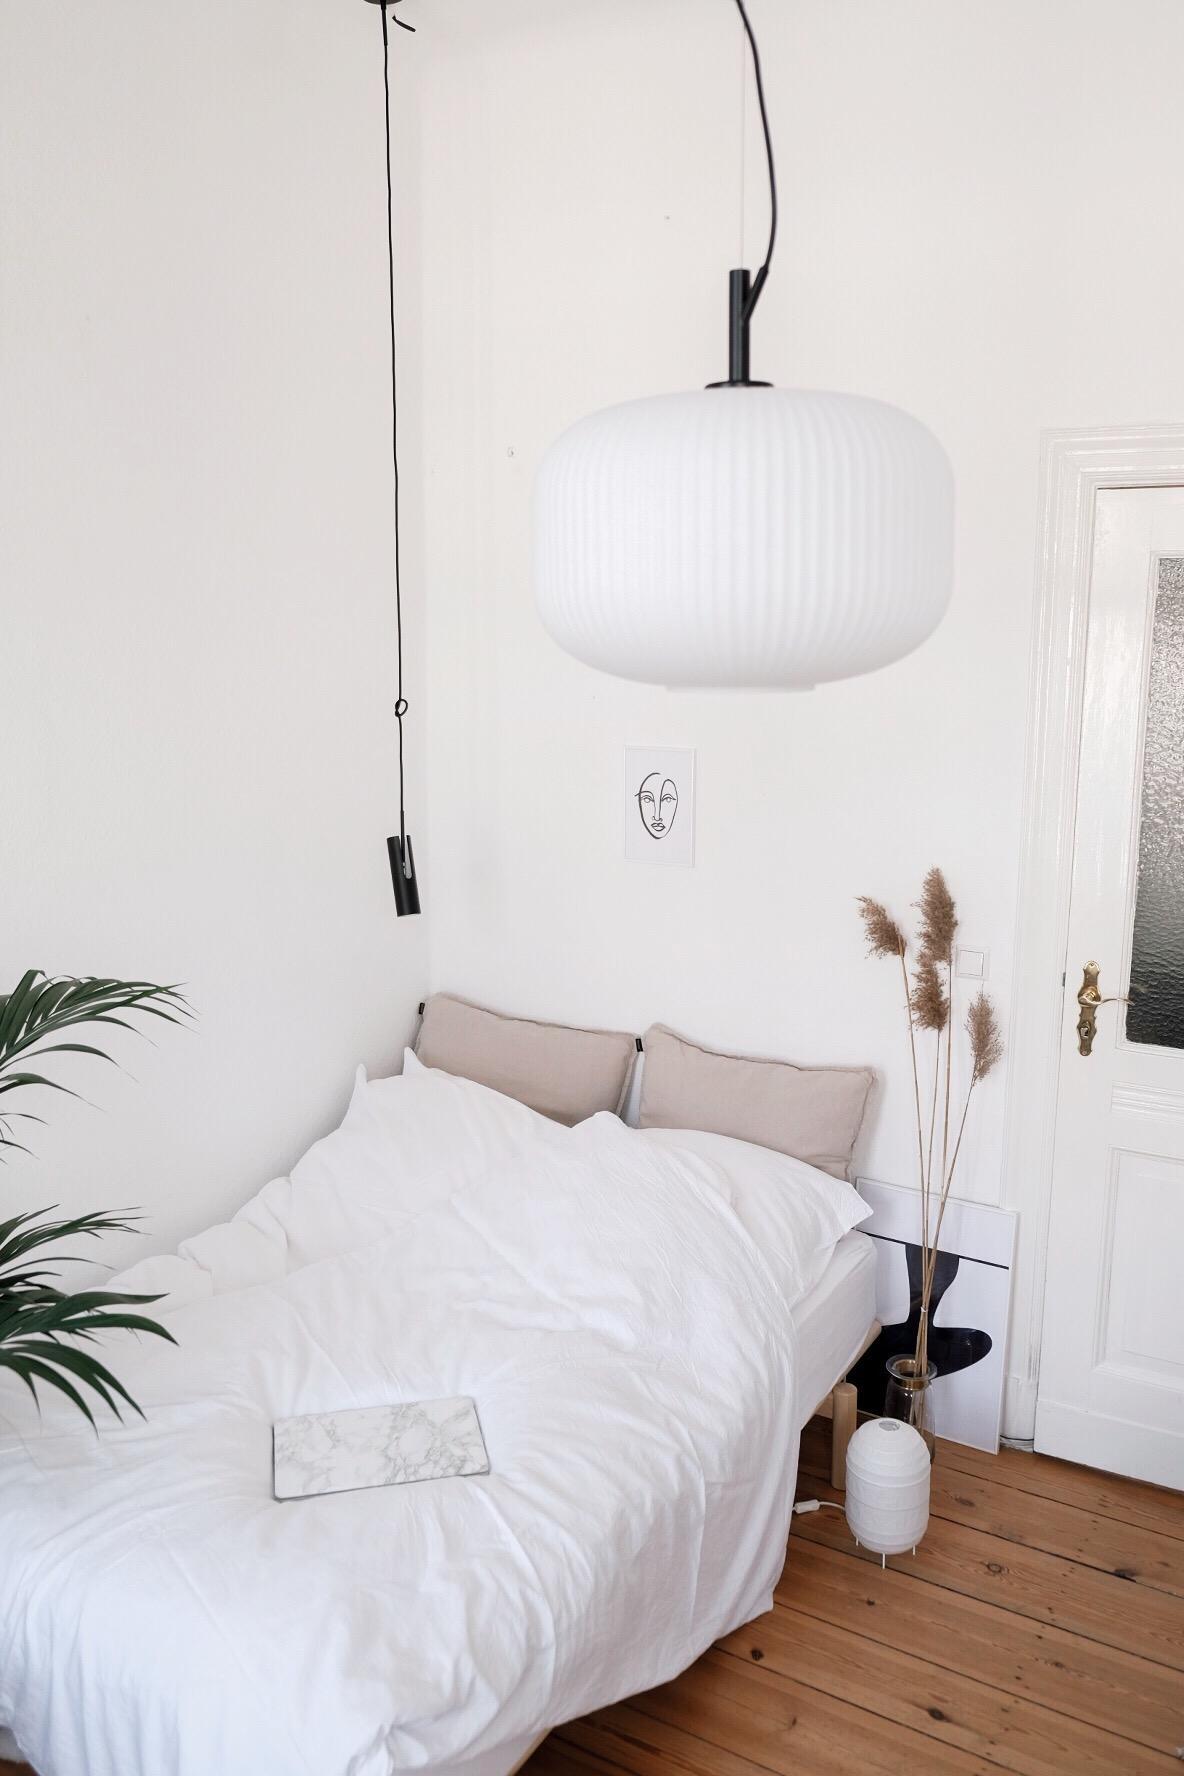 Full Size of Deckenleuchte Schlafzimmer Ikea Lampe Pinterest Deckenlampe Modern Holz Led Skandinavisch Dimmbar Deckenleuchten Tipps Und Wohnideen Aus Der Community Schlafzimmer Deckenlampe Schlafzimmer